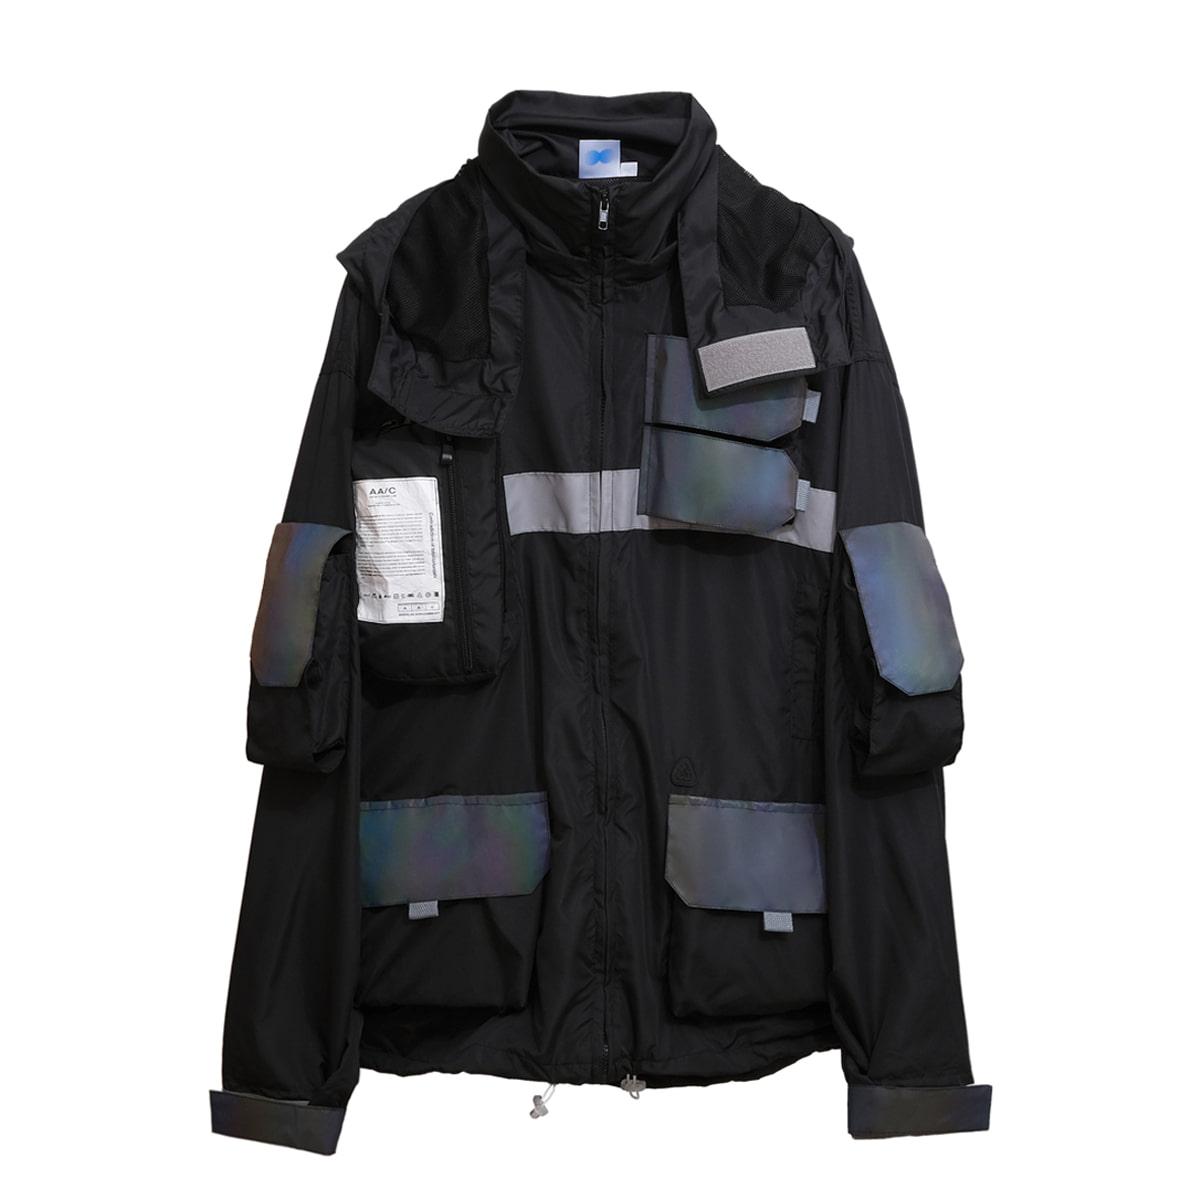 0.20 Hologram Smock Jacket